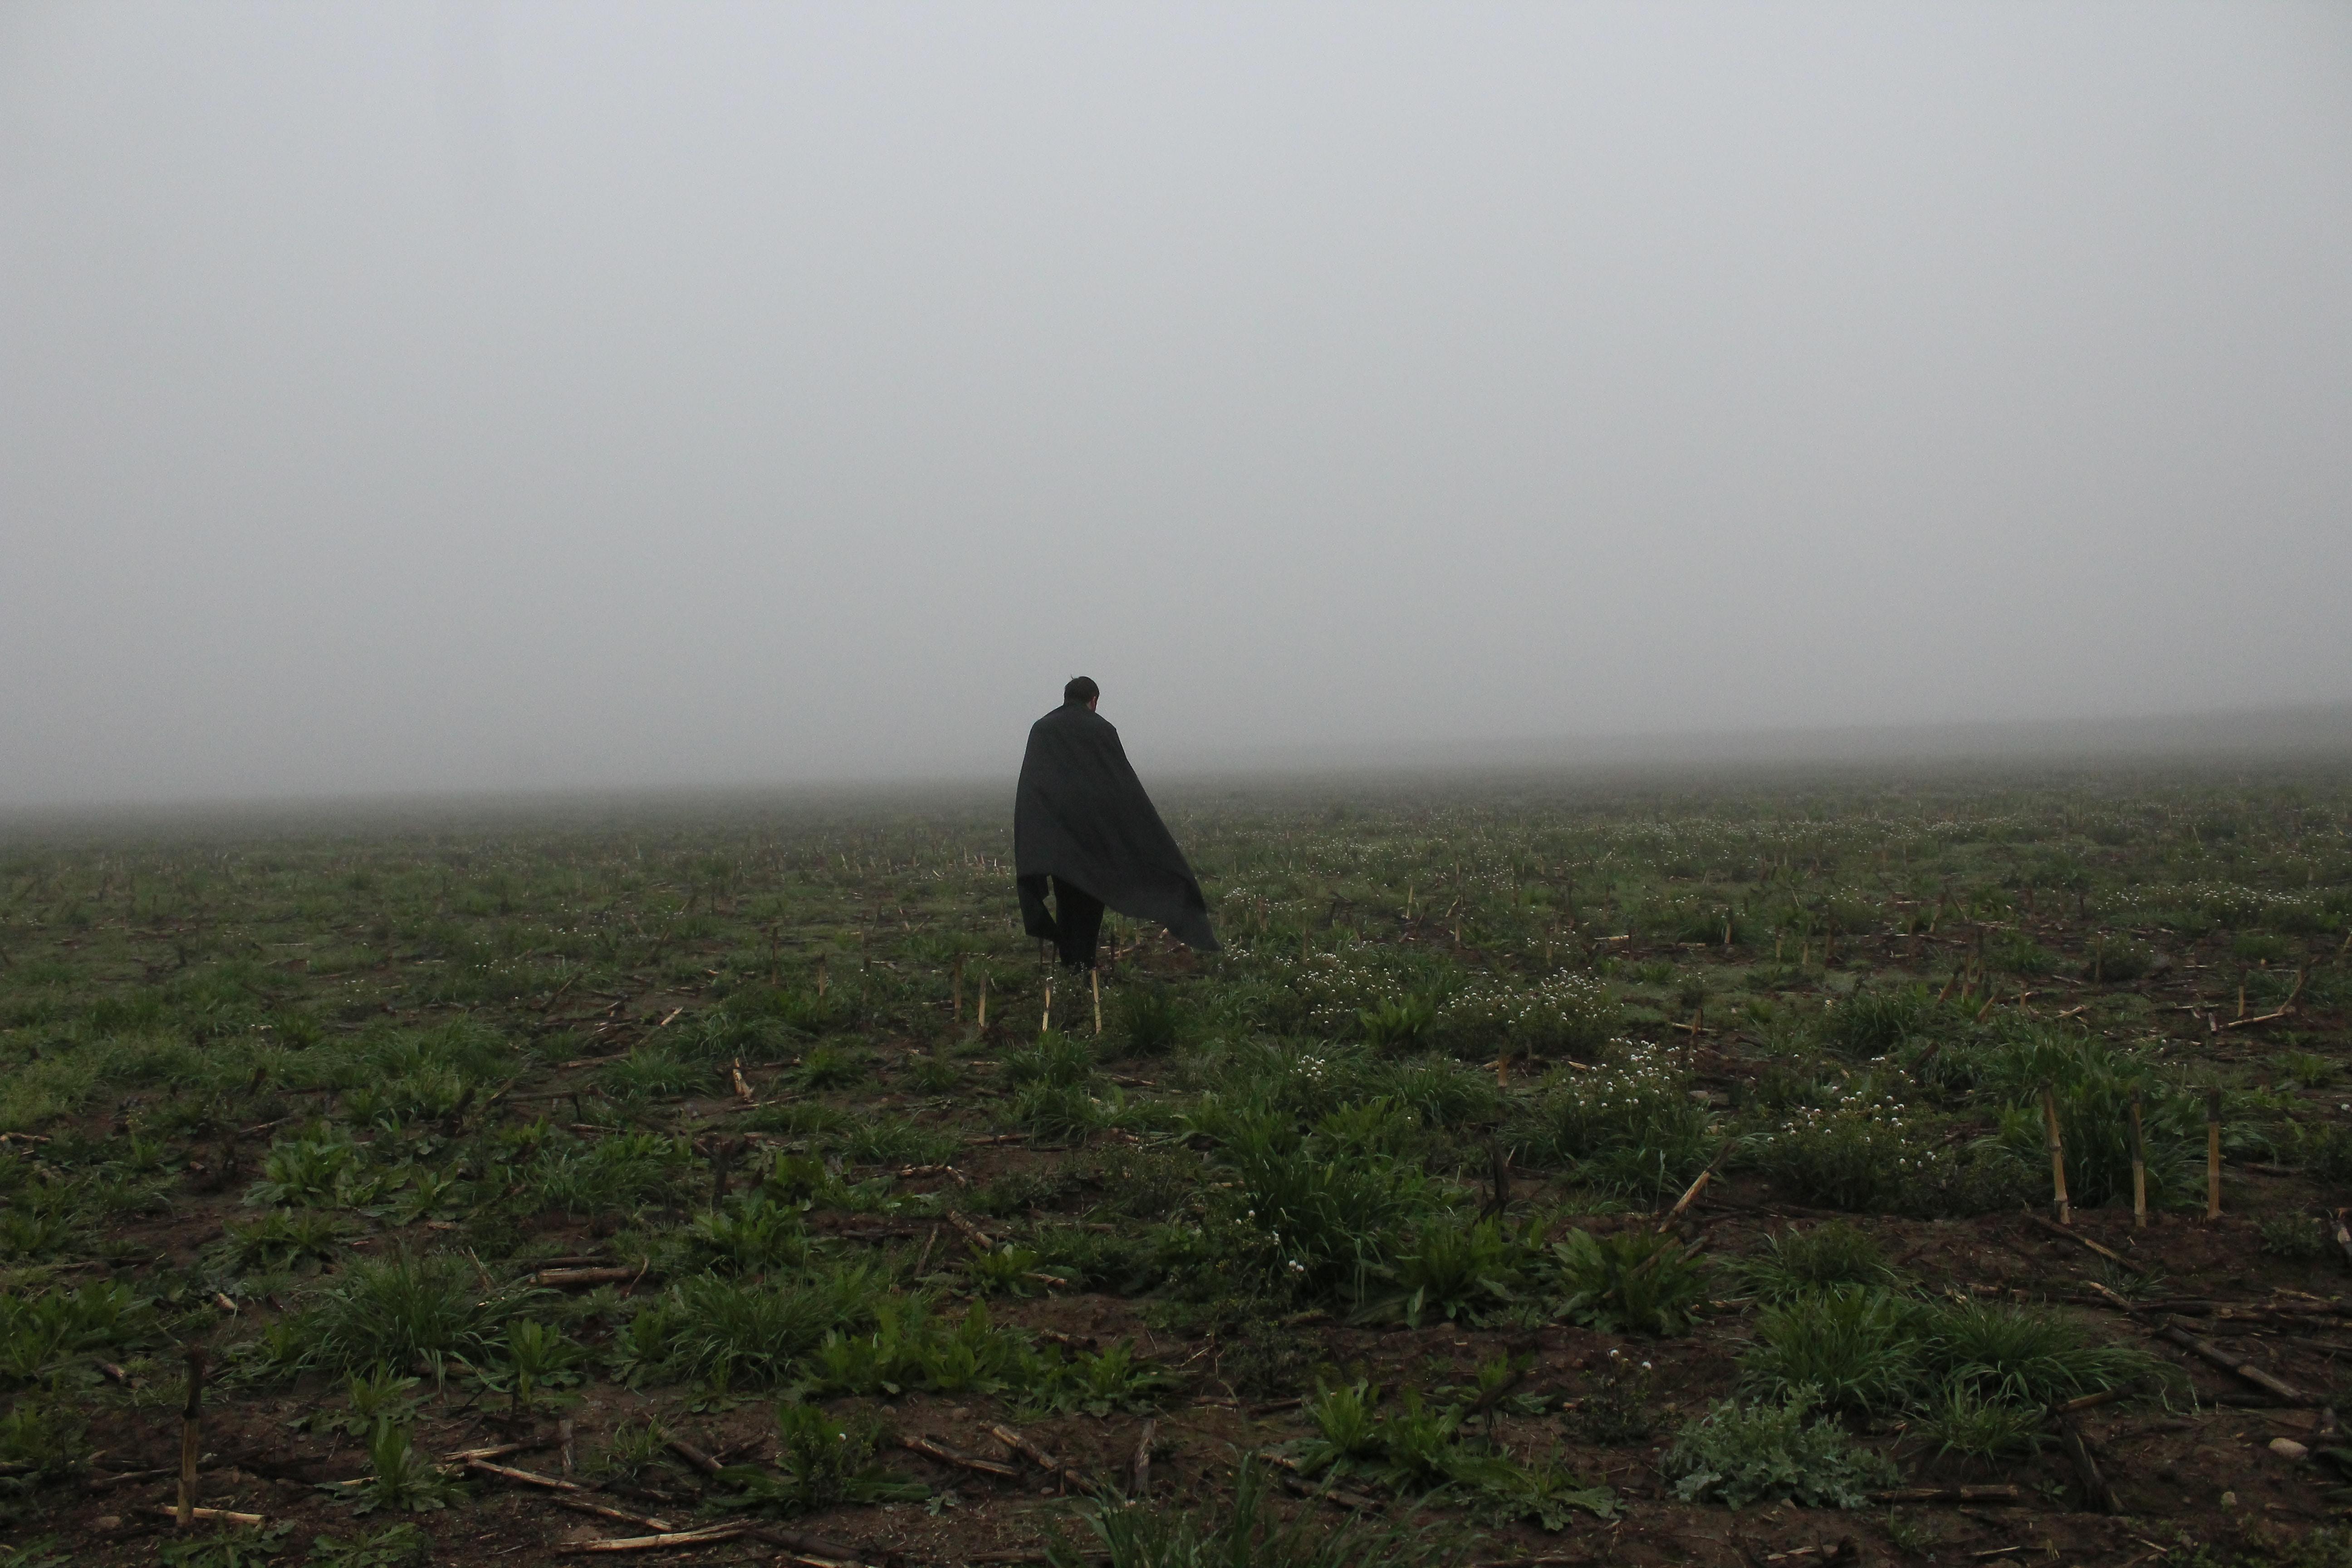 A person walking through a field.